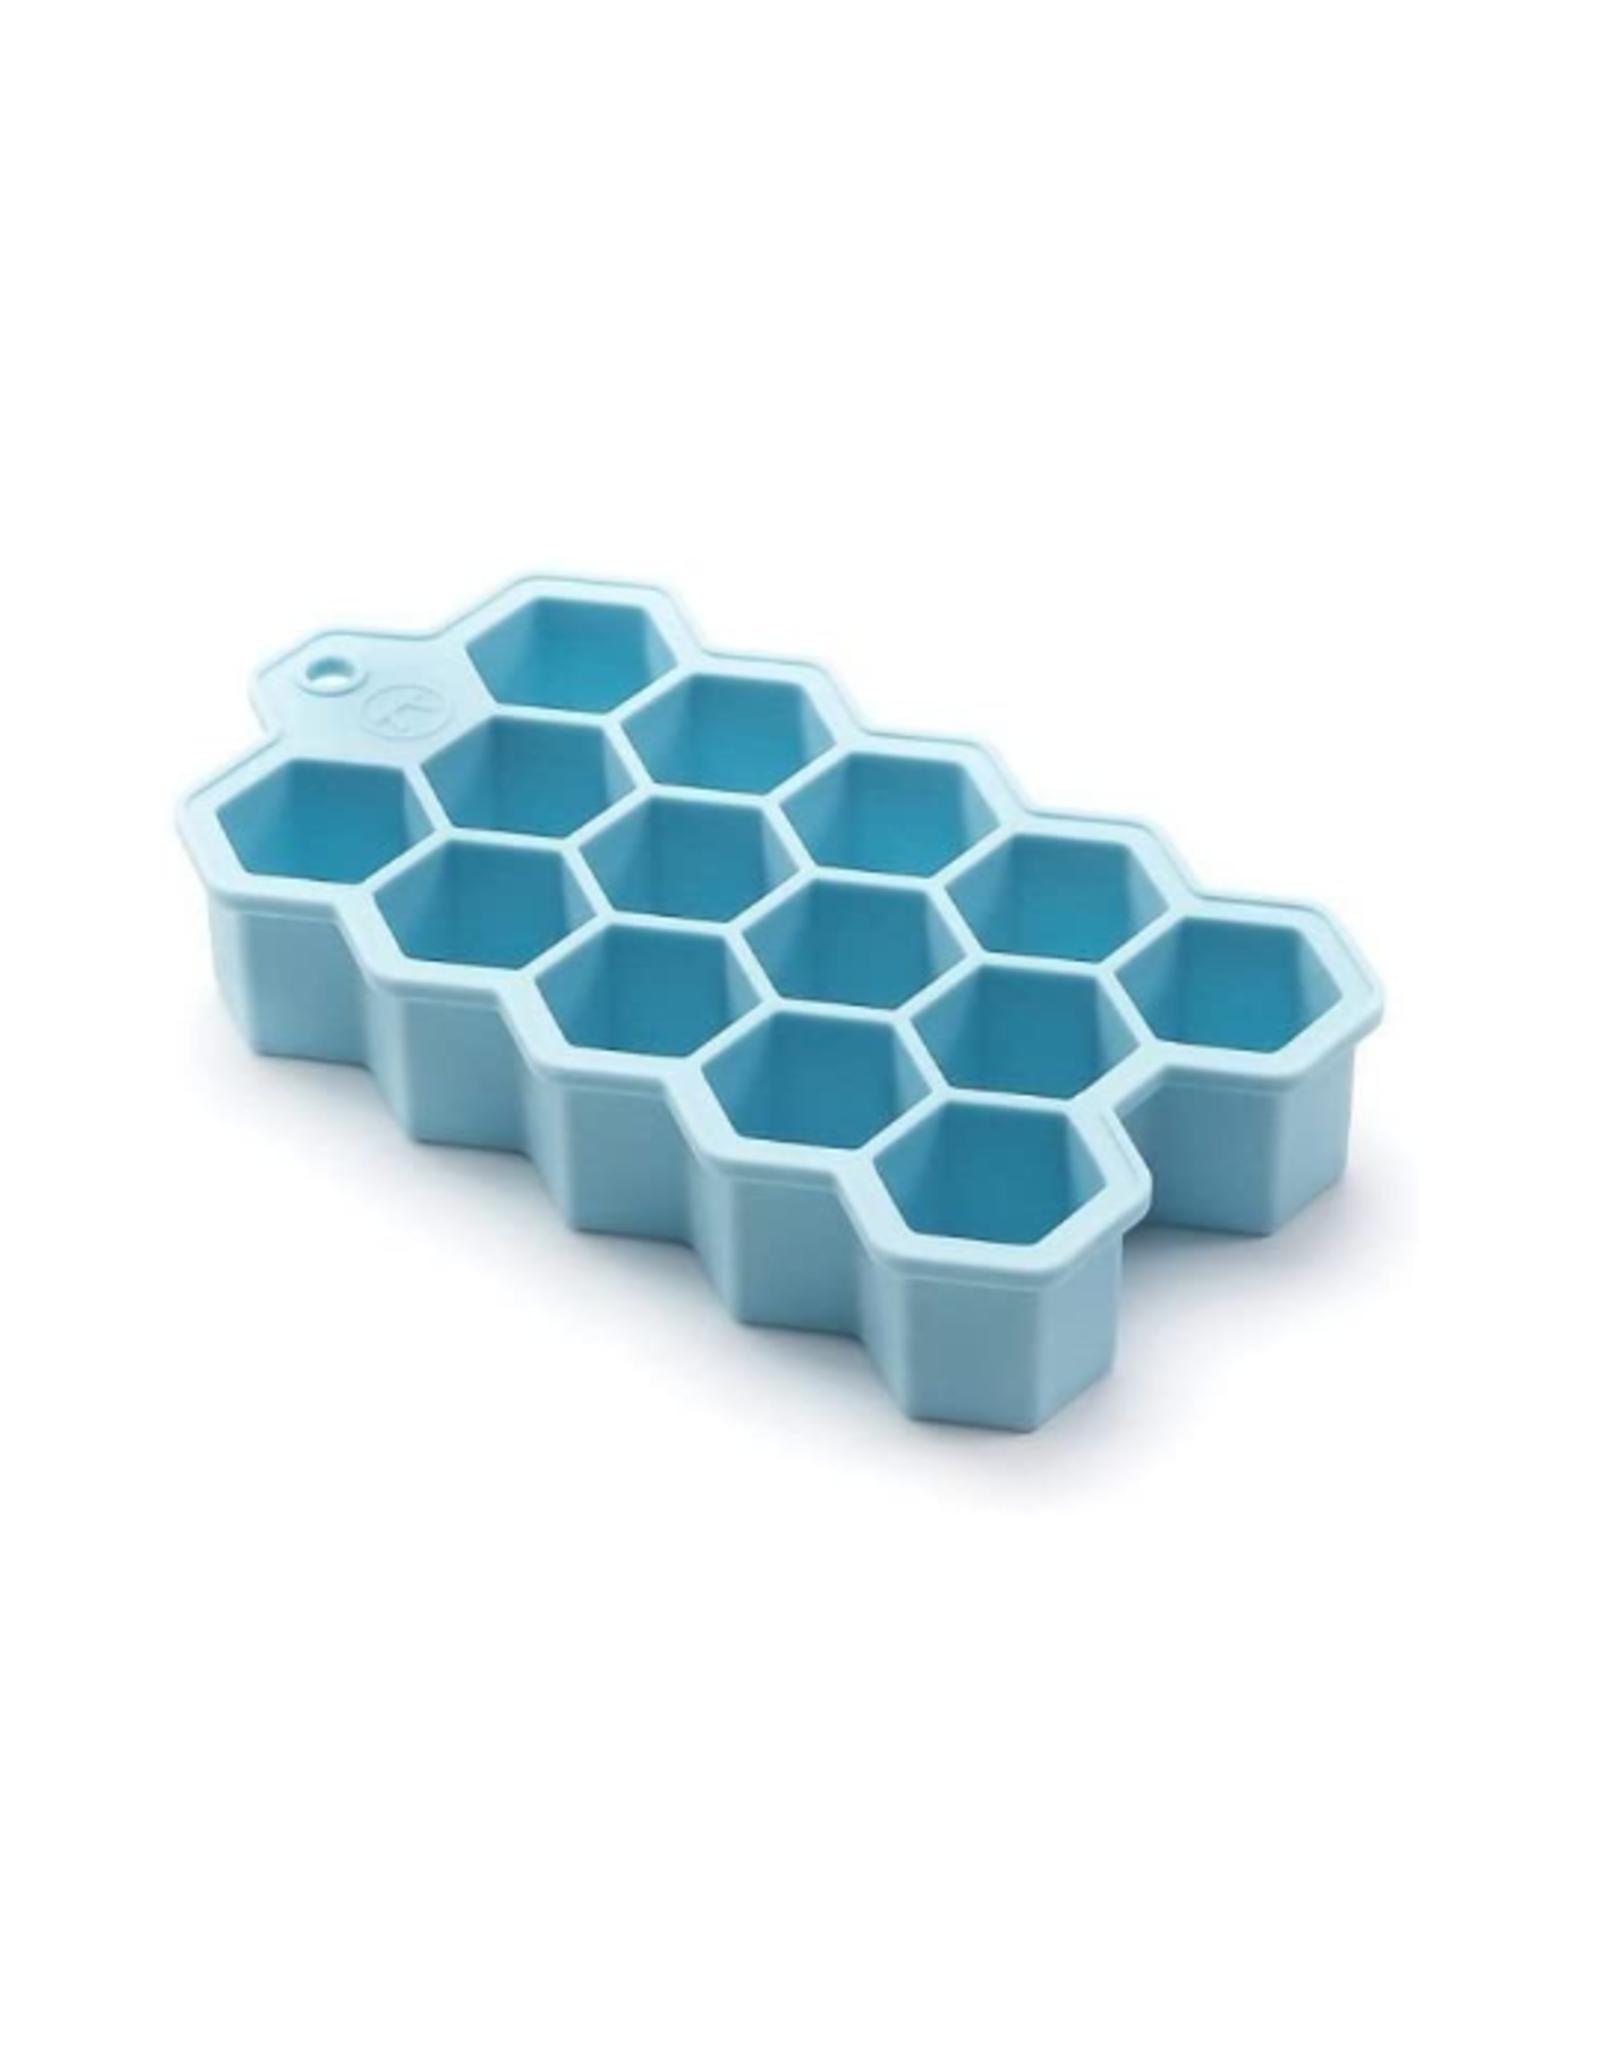 Fox Run Hex Cubes